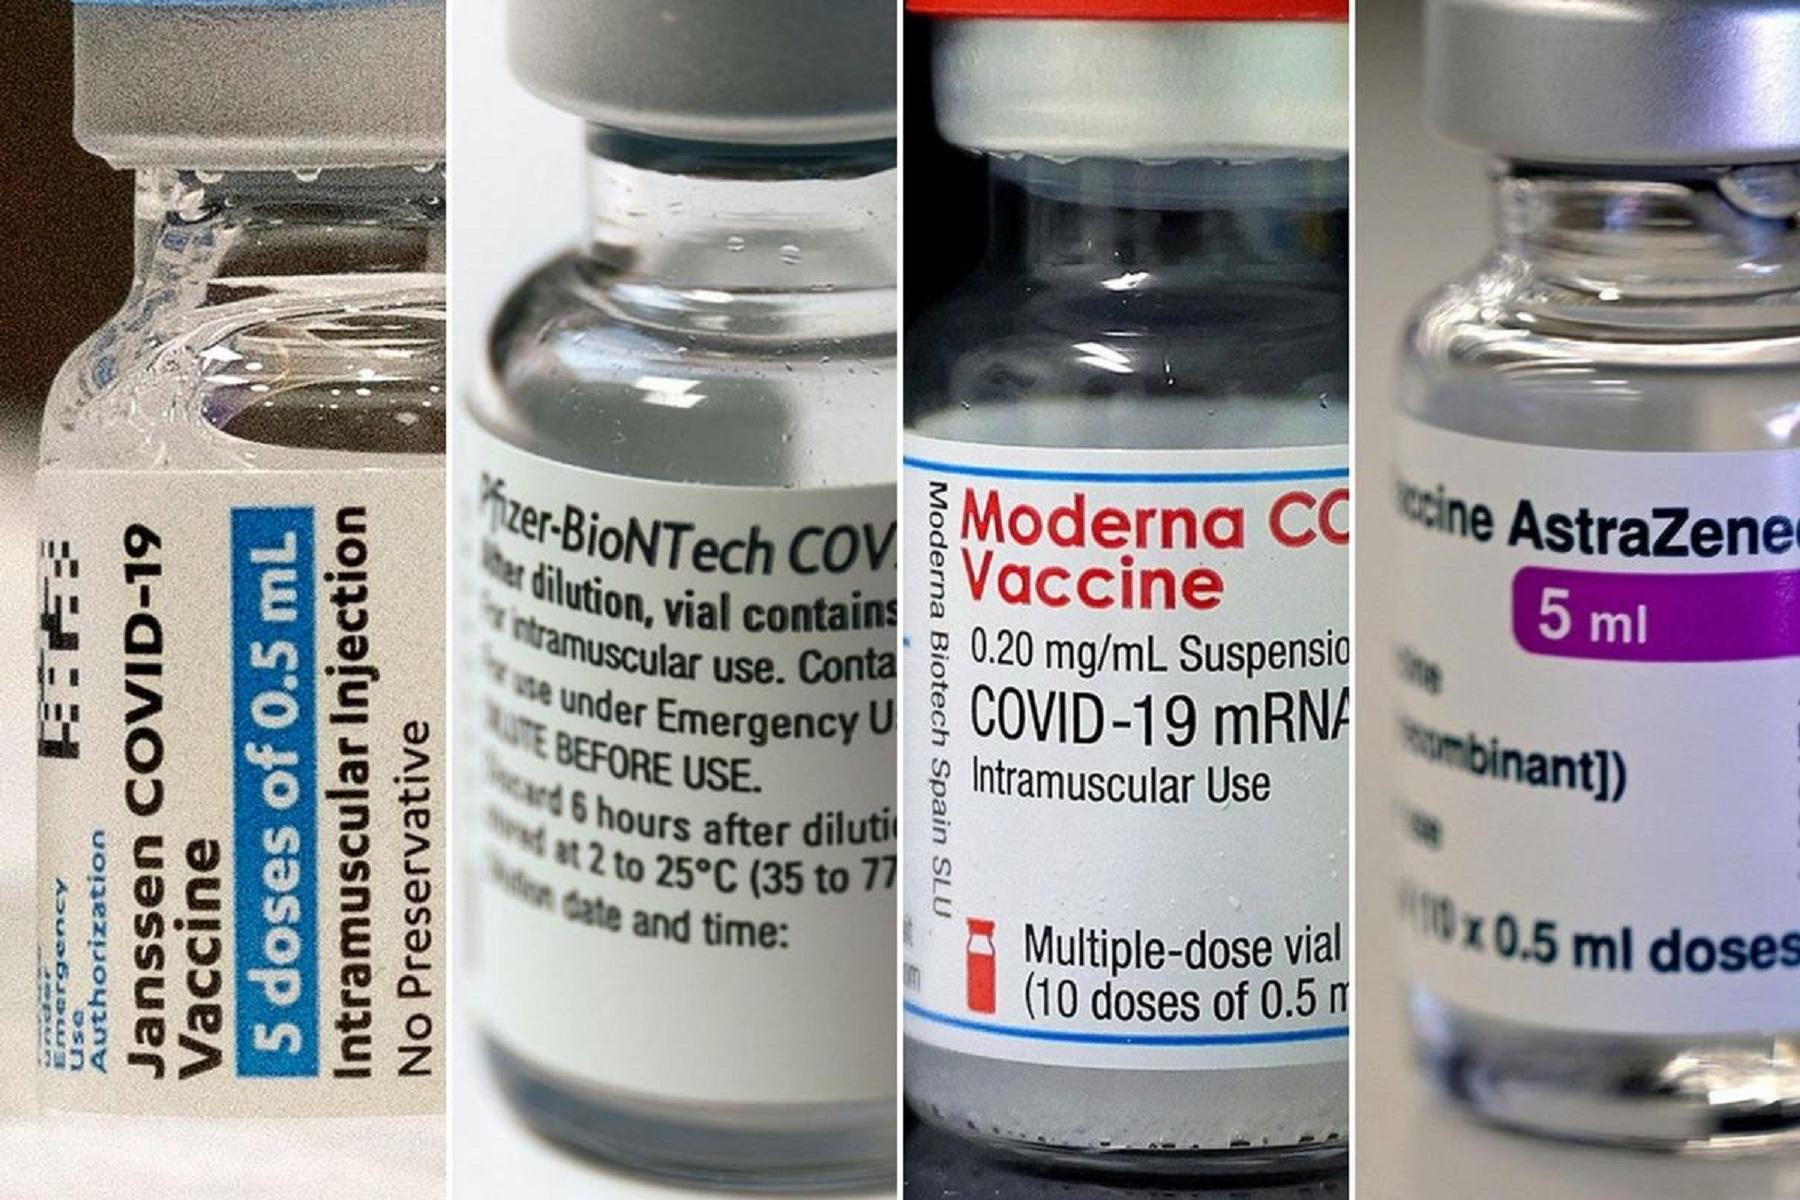 Καναδάς Εμβολιασμοί: H Εθνική Συμβουλευτική Επιτροπή συνιστά 2η δόση εμβολίου mRNA έναντι της 1ης AstraZeneca